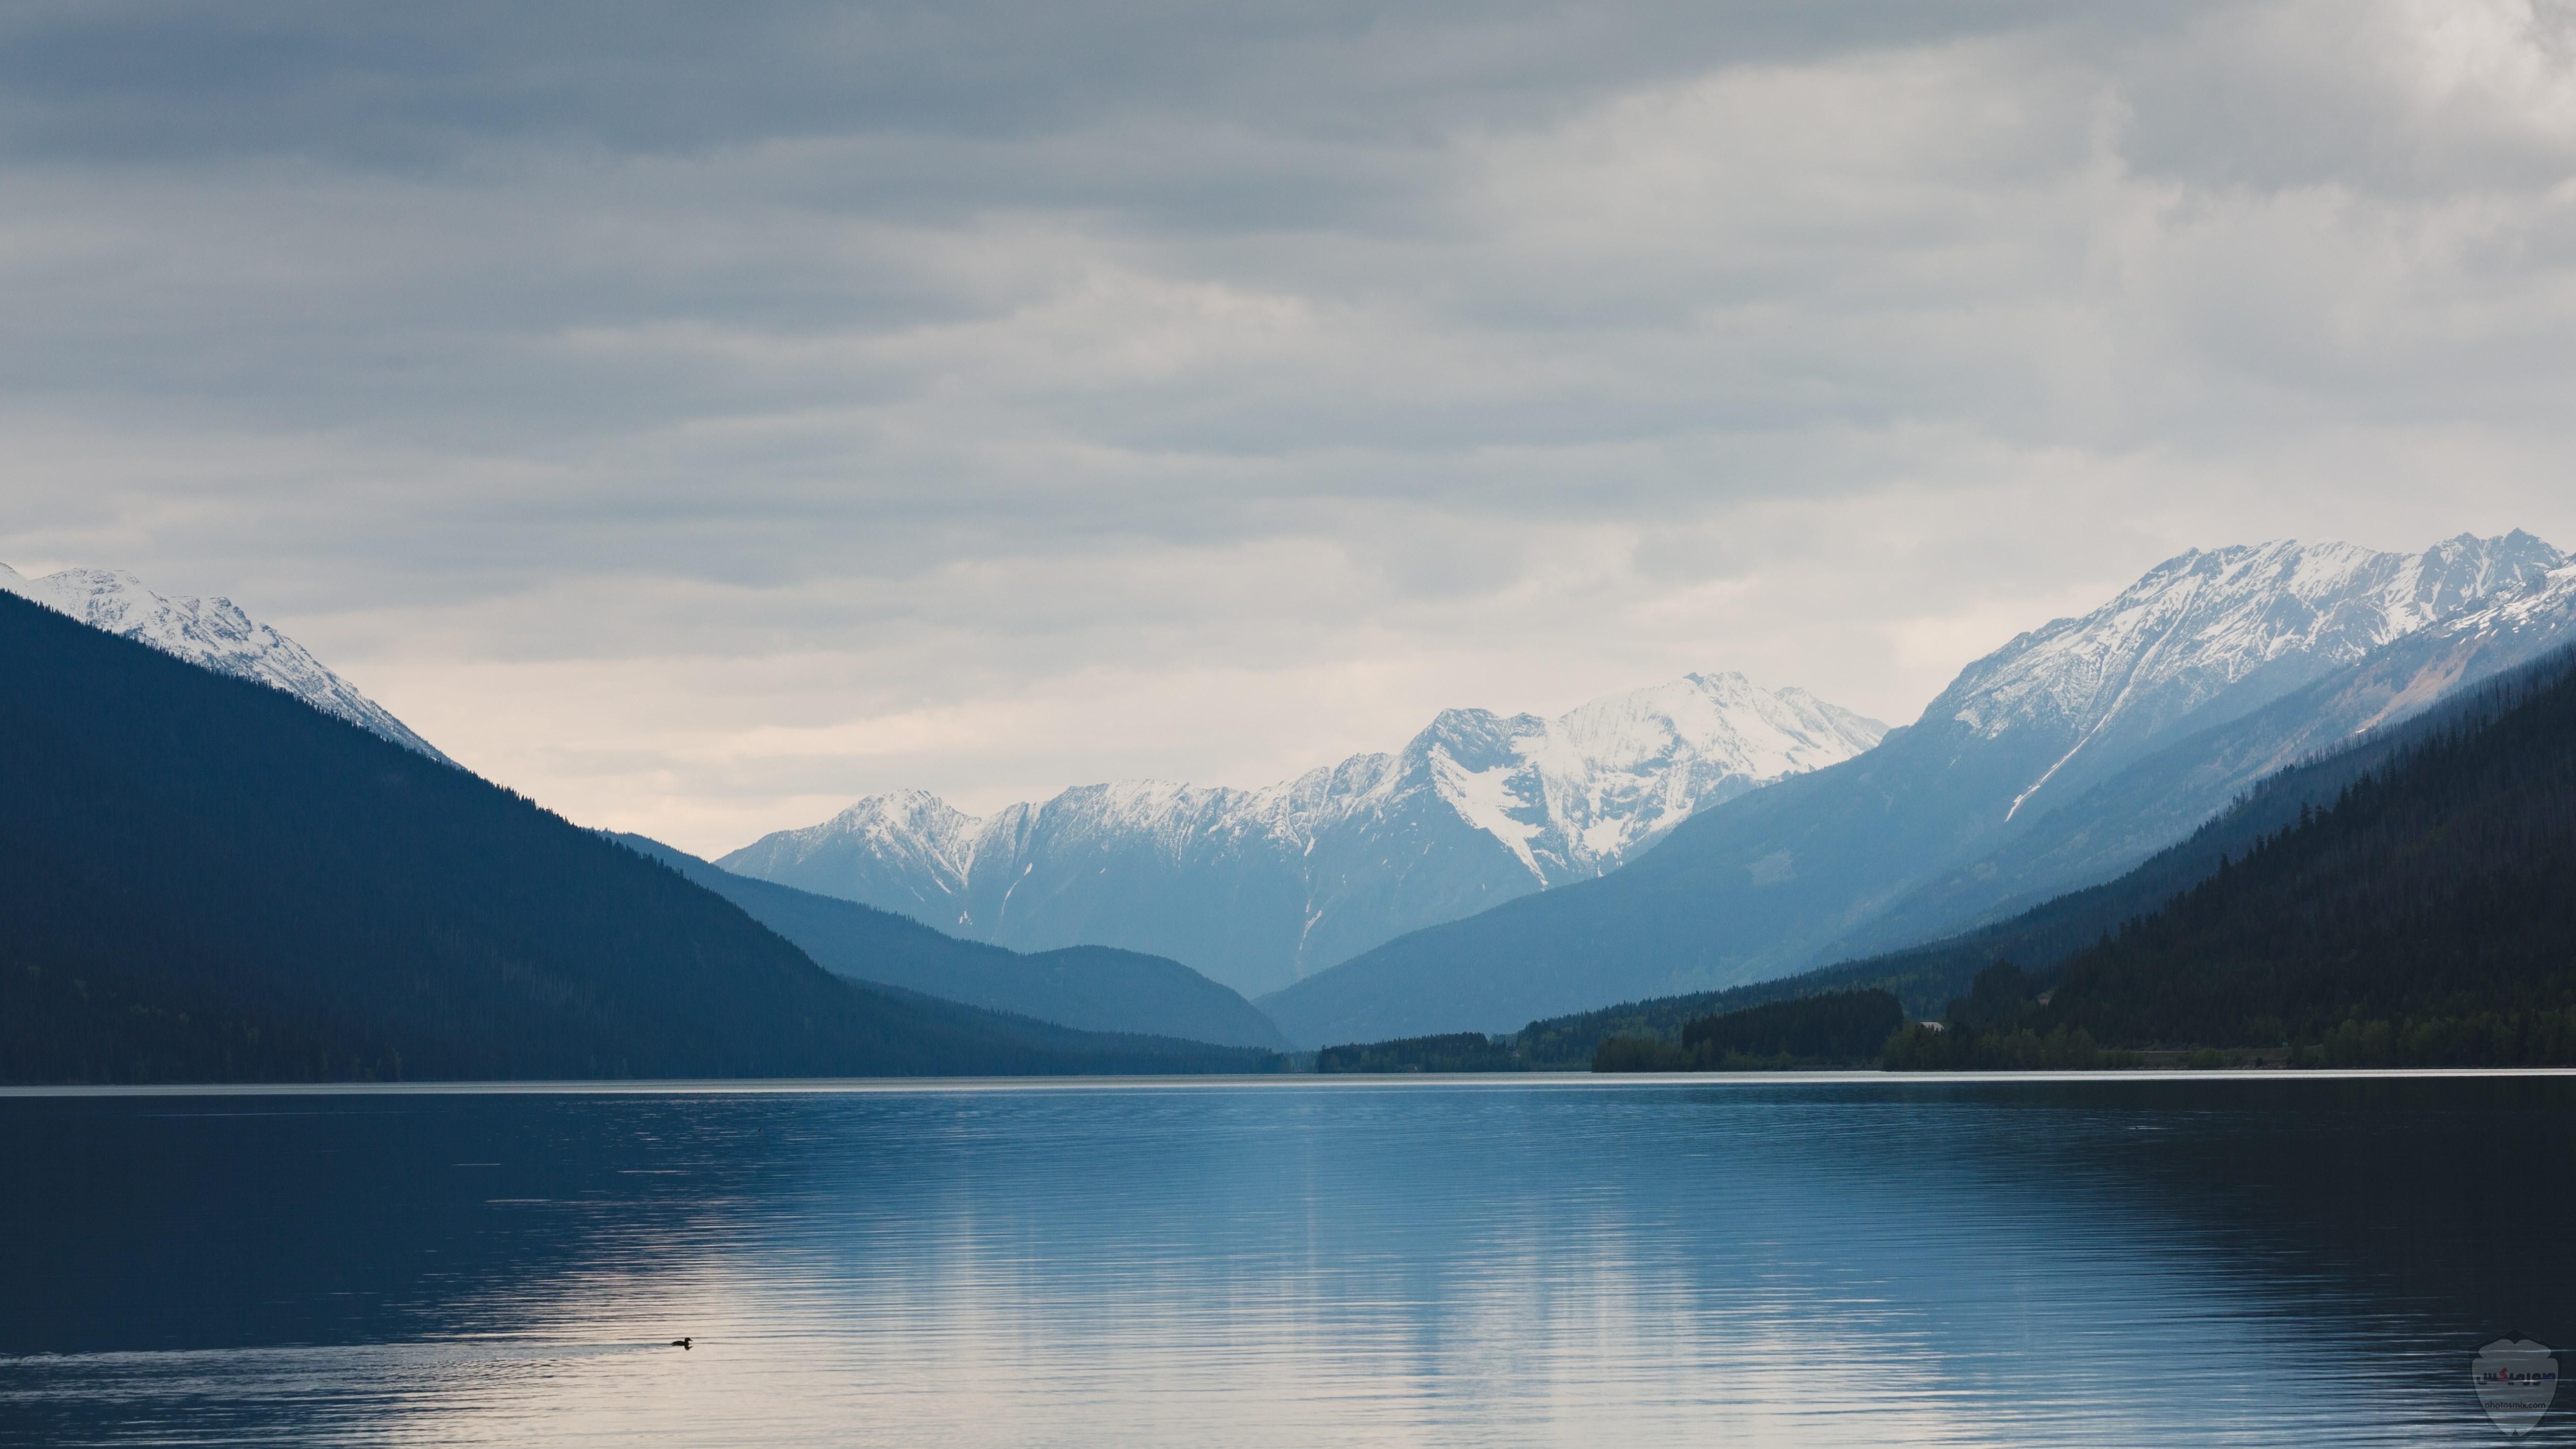 صور وخلفيات جبال وشلالات طبيعية HD خلفيات جبال خضراء وثلجية 25